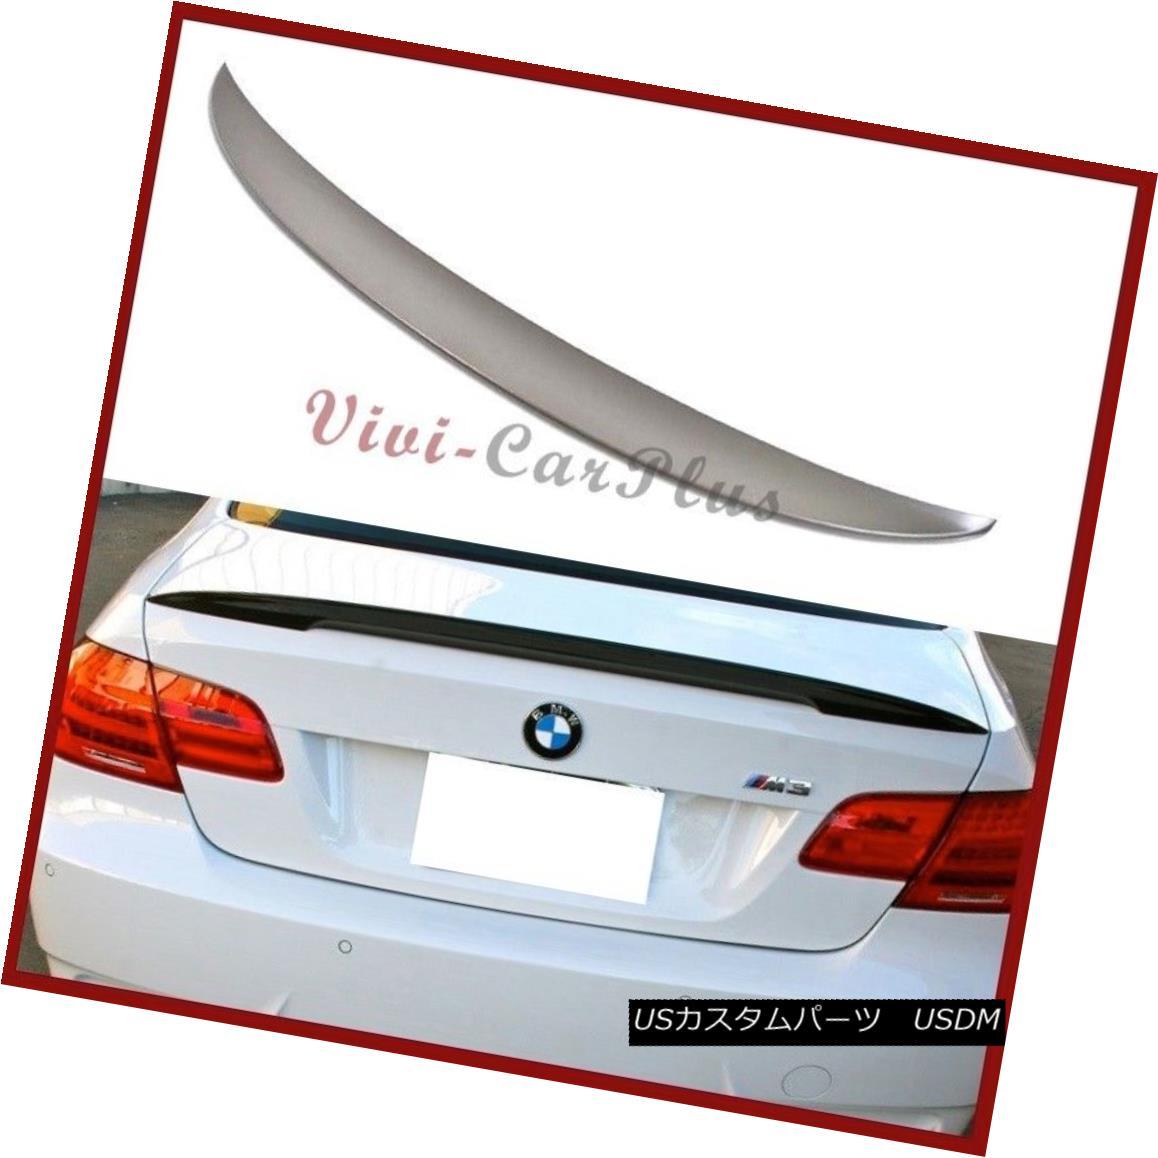 エアロパーツ UNPAINTED 07-13 BMW E92 328i 335i M3 2DR High Kick P Look Wing Trunk Spoiler Lip UNPAINTED 07-13 BMW E92 328i 335i M3 2DRハイキックPルックウイングトランク・スポイラー・リップ